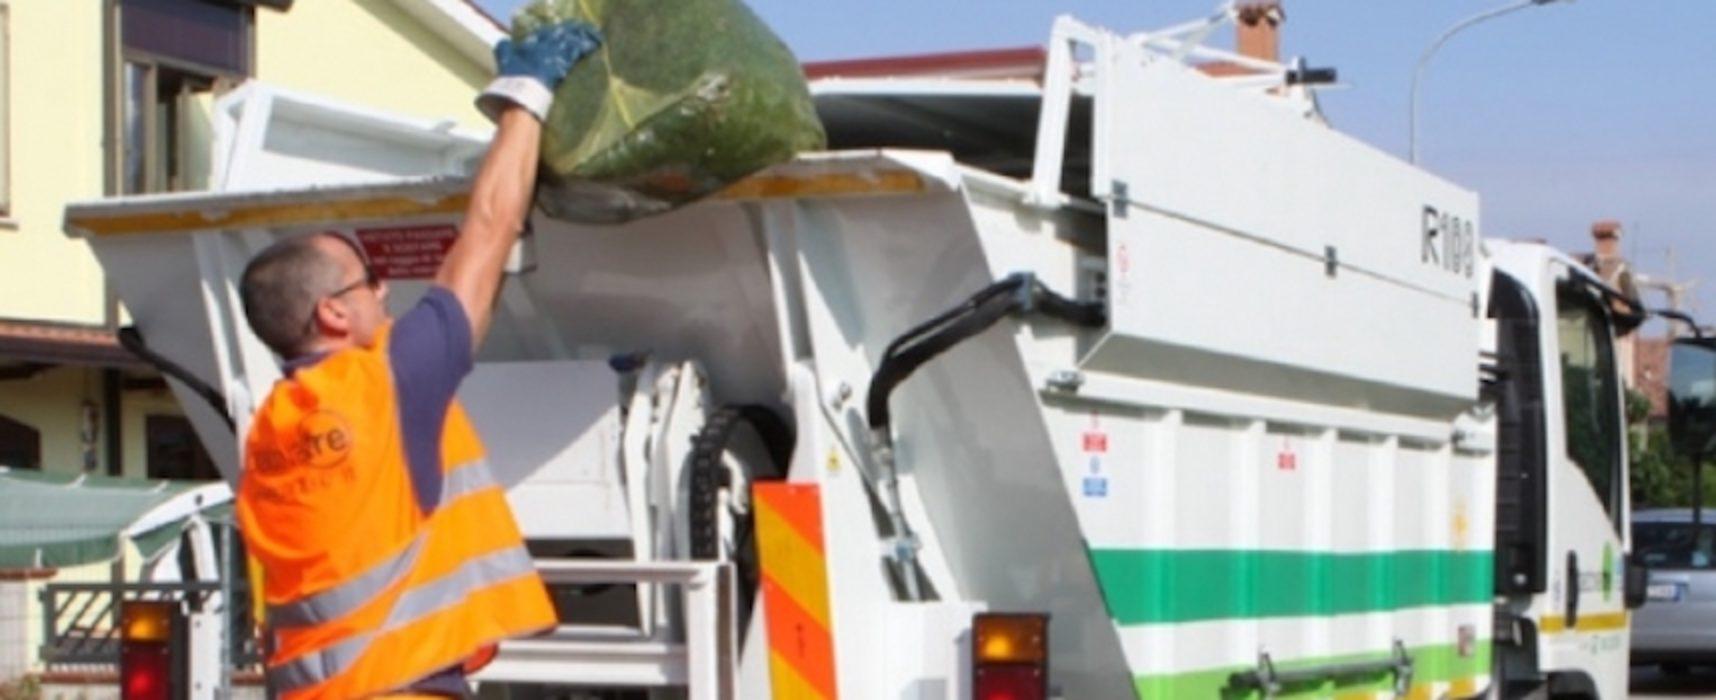 Servizio raccolta rifiuti attivo per la Festa della Repubblica